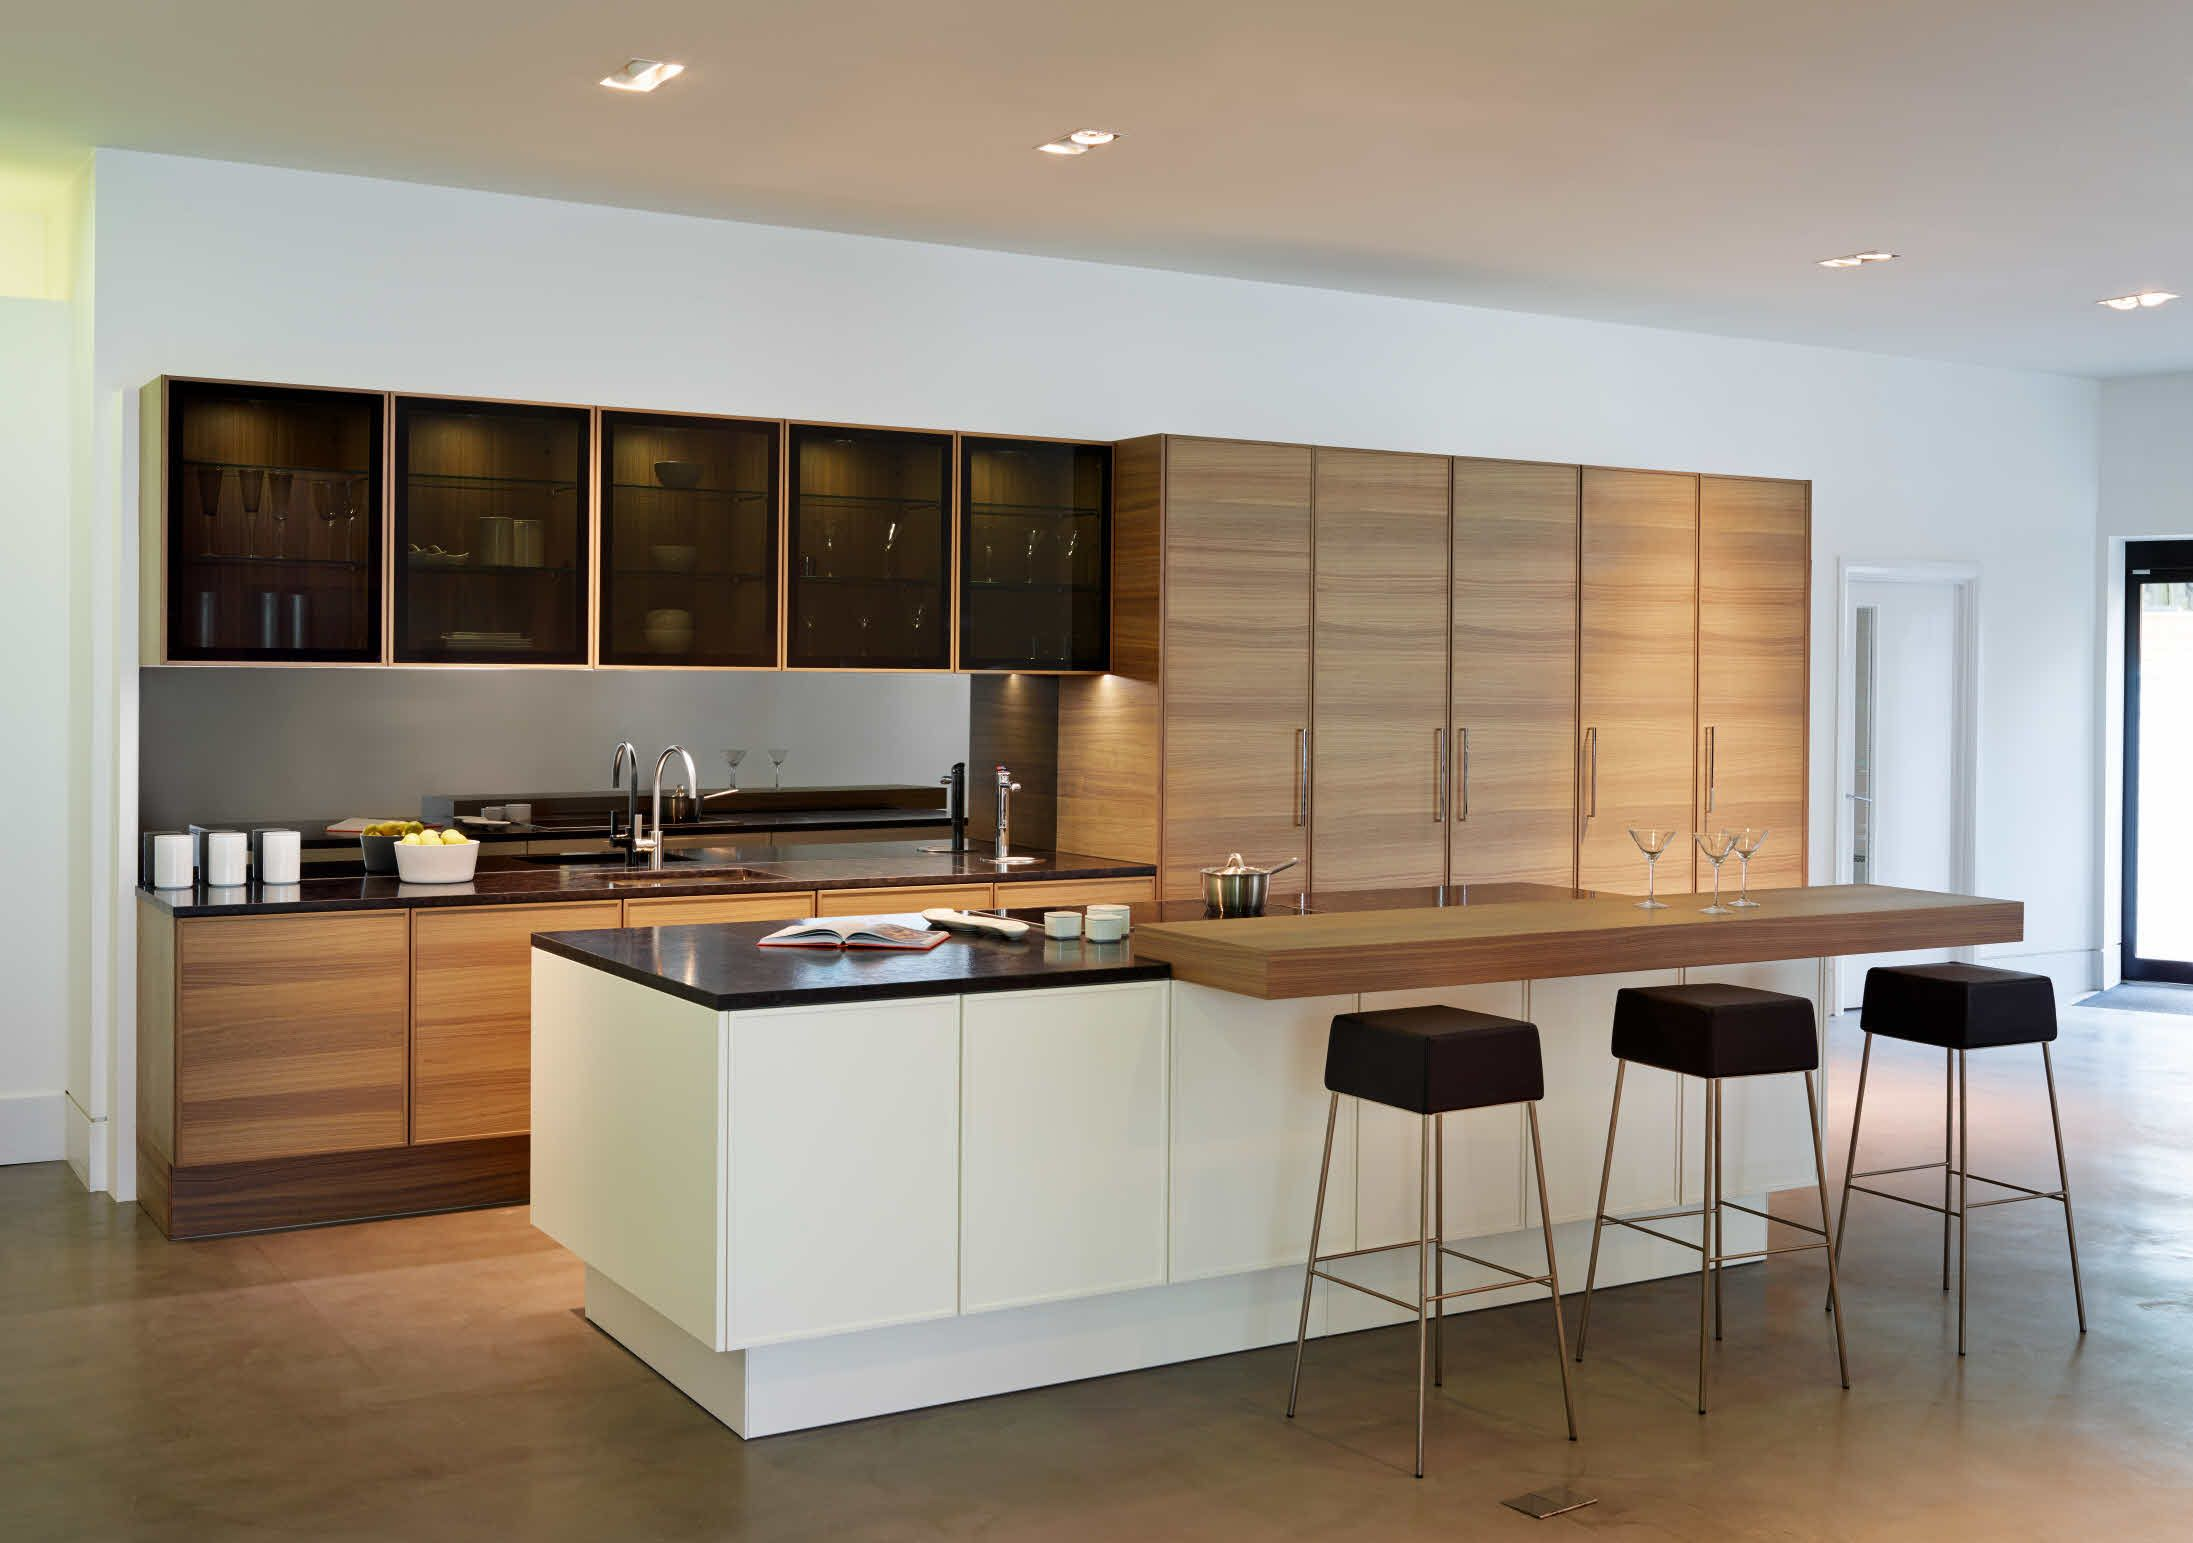 Poggenpohl Kitchen Studio St. Albans Cuisine moderne